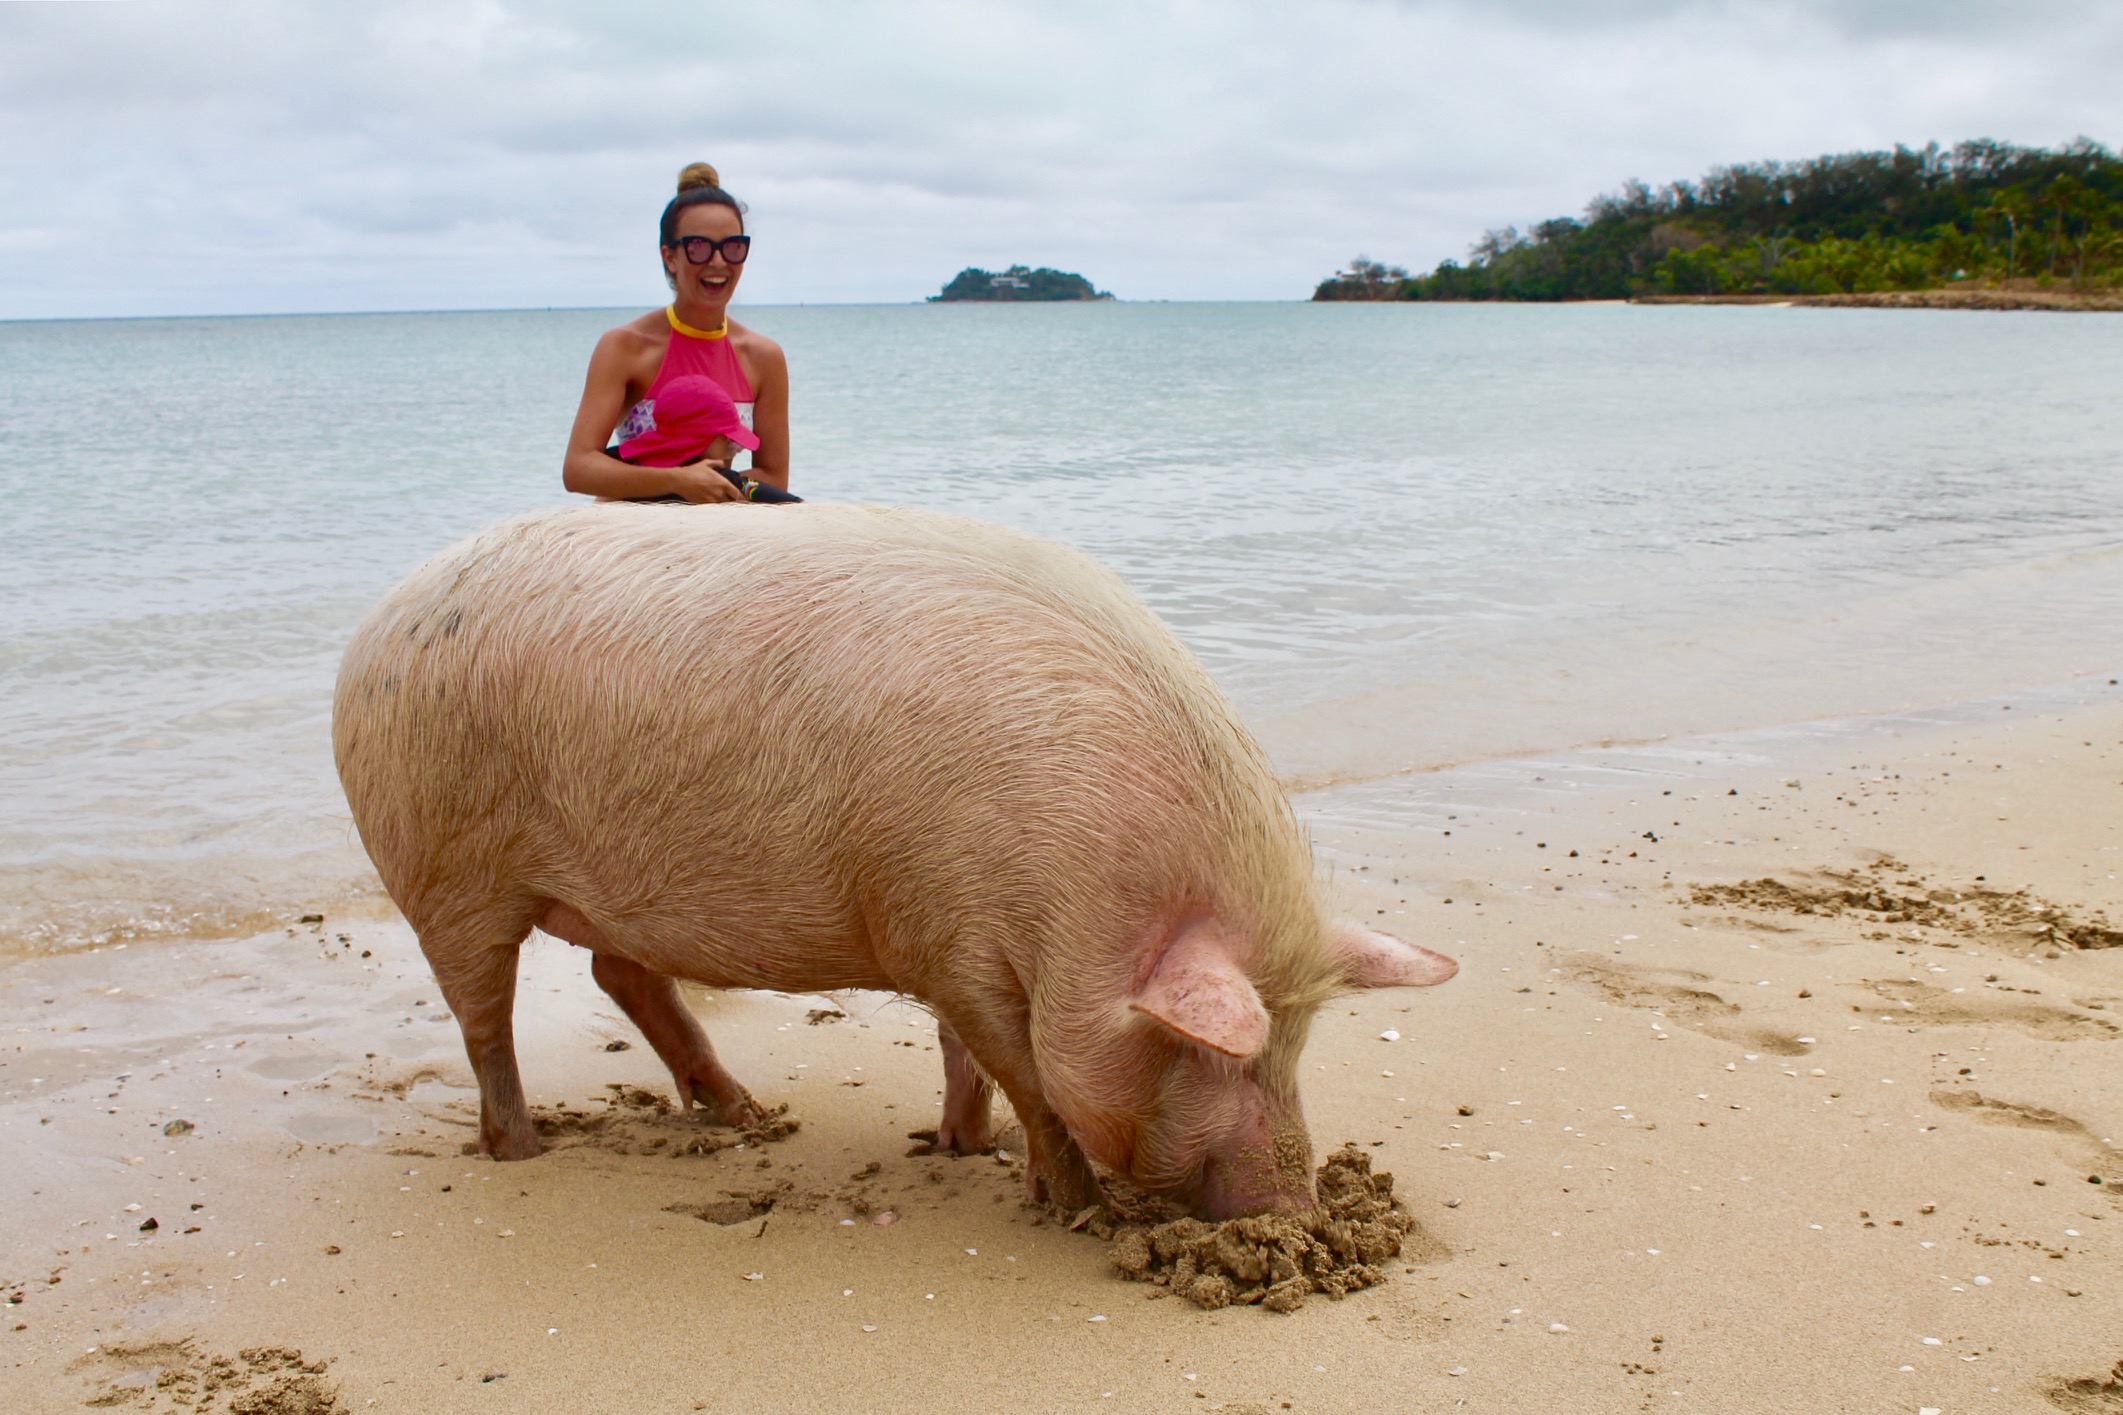 Fidschi Schwimmen mit Schwein Reiseblog ferntastisch Jahresrückblick